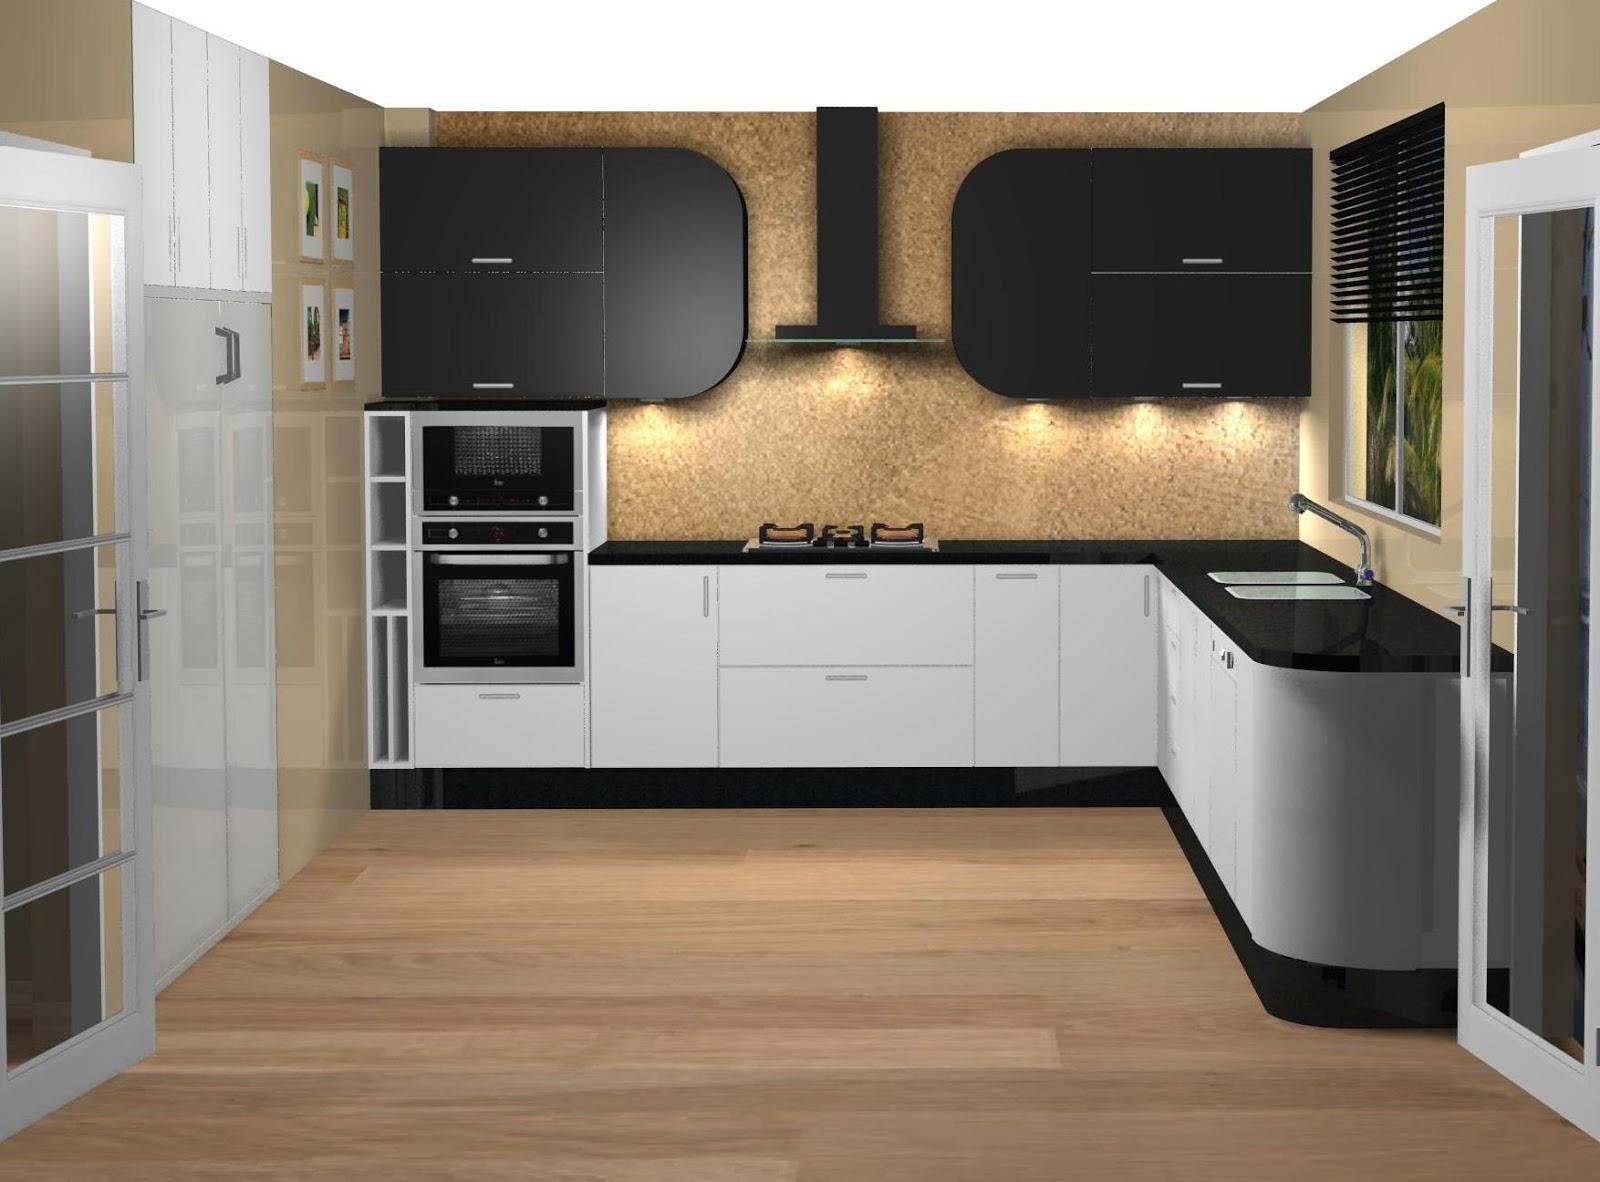 Dise o de cocina lacada en blanco y negro for Encimera de cocina lacada en blanco negro